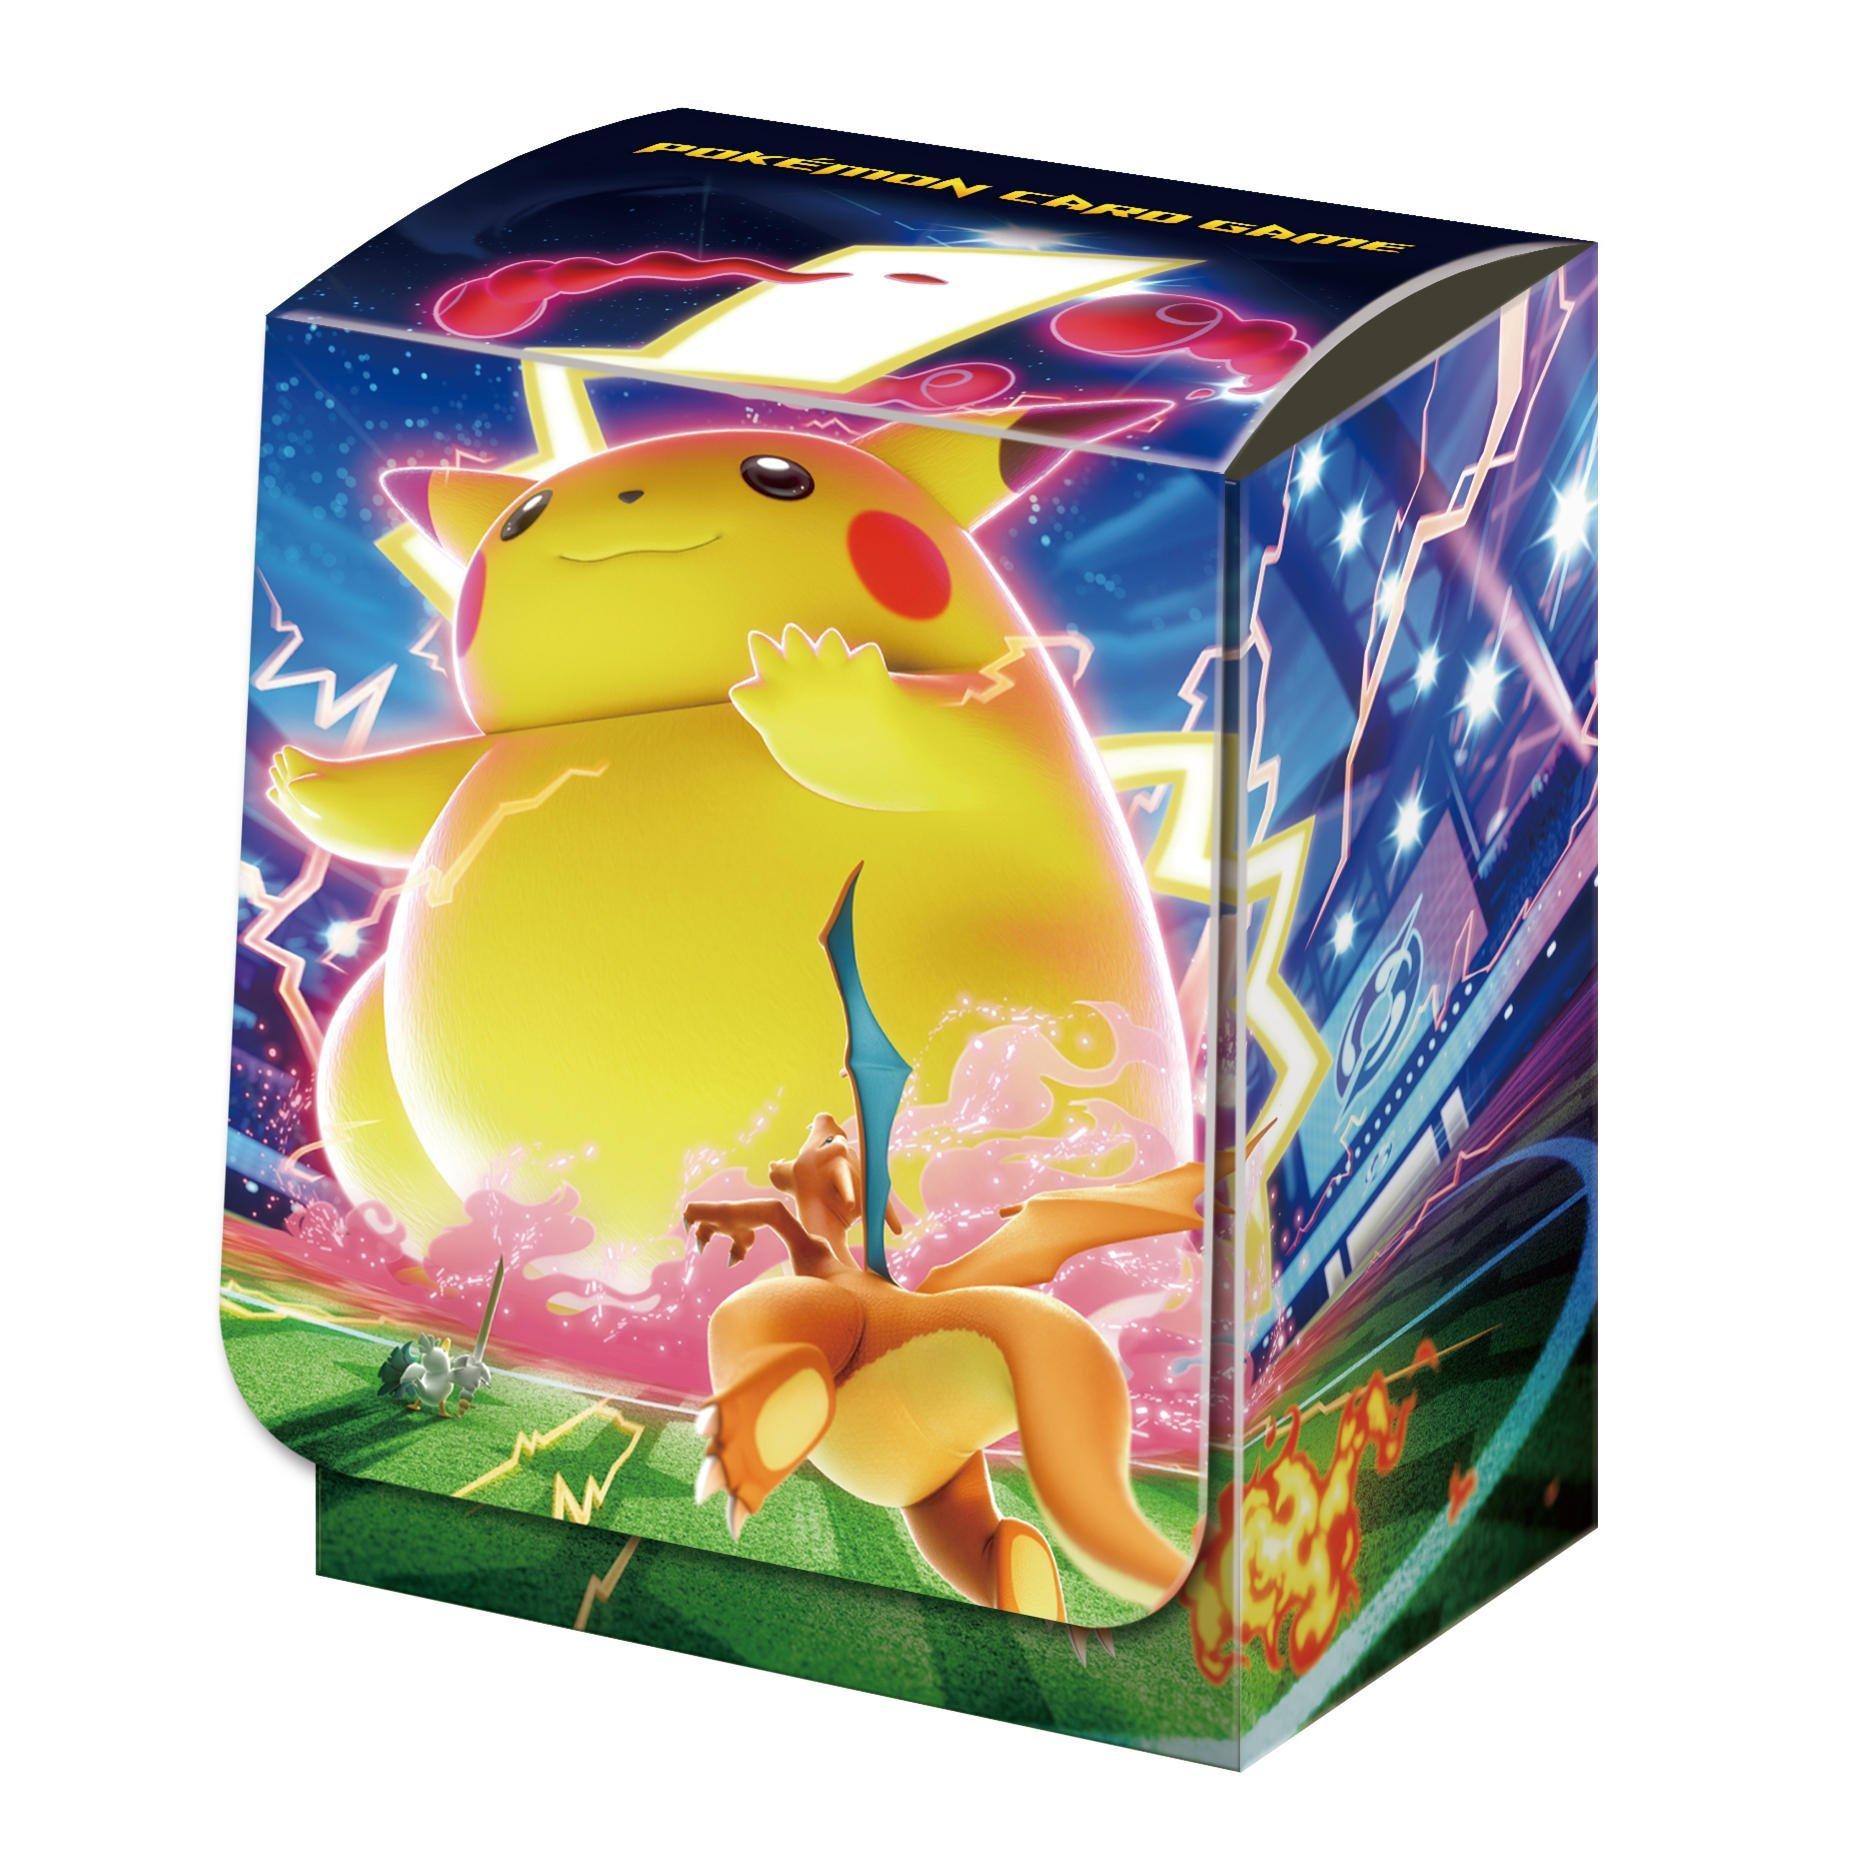 神奇寶貝 卡牌收集盒 Pokemon Deck Box Case 極巨化皮卡丘